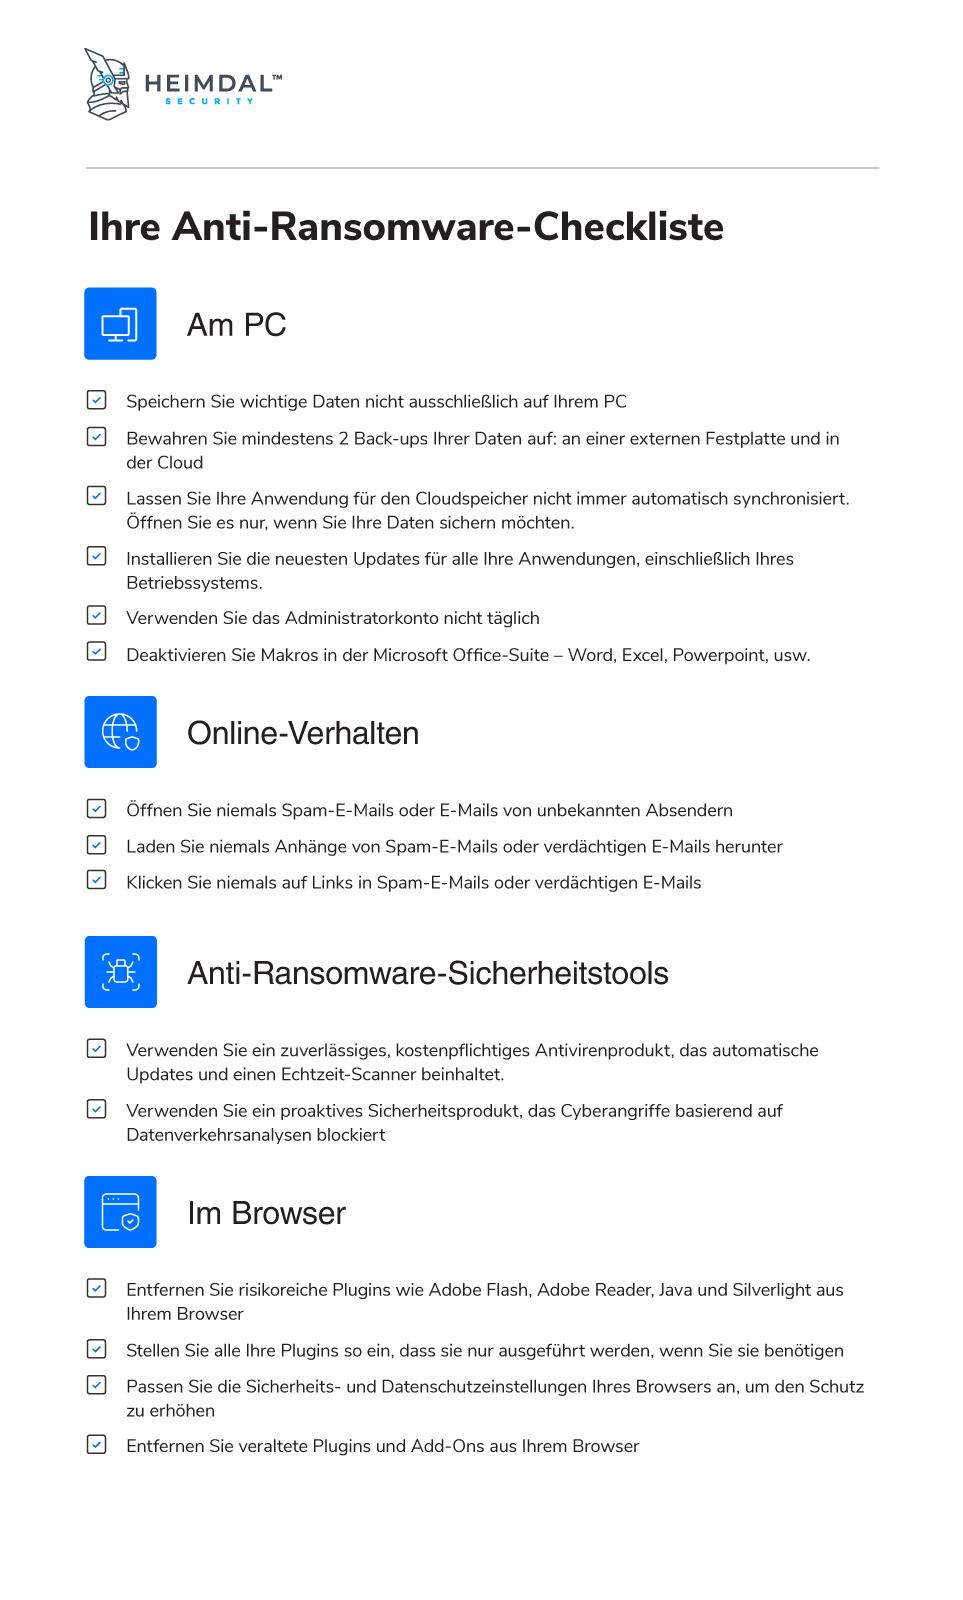 Anti-ransomware Checkliste